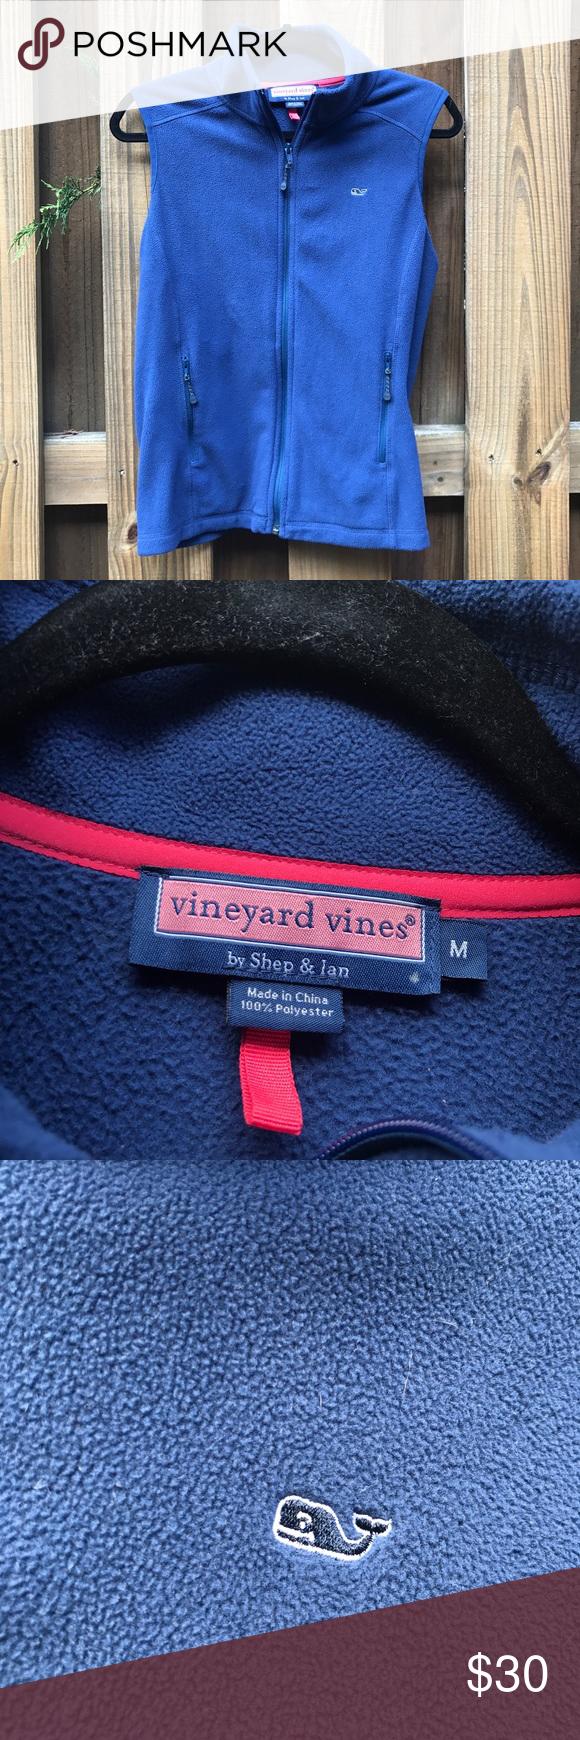 Vineyard vines womenus fleece vest vineyard vines vest fleece